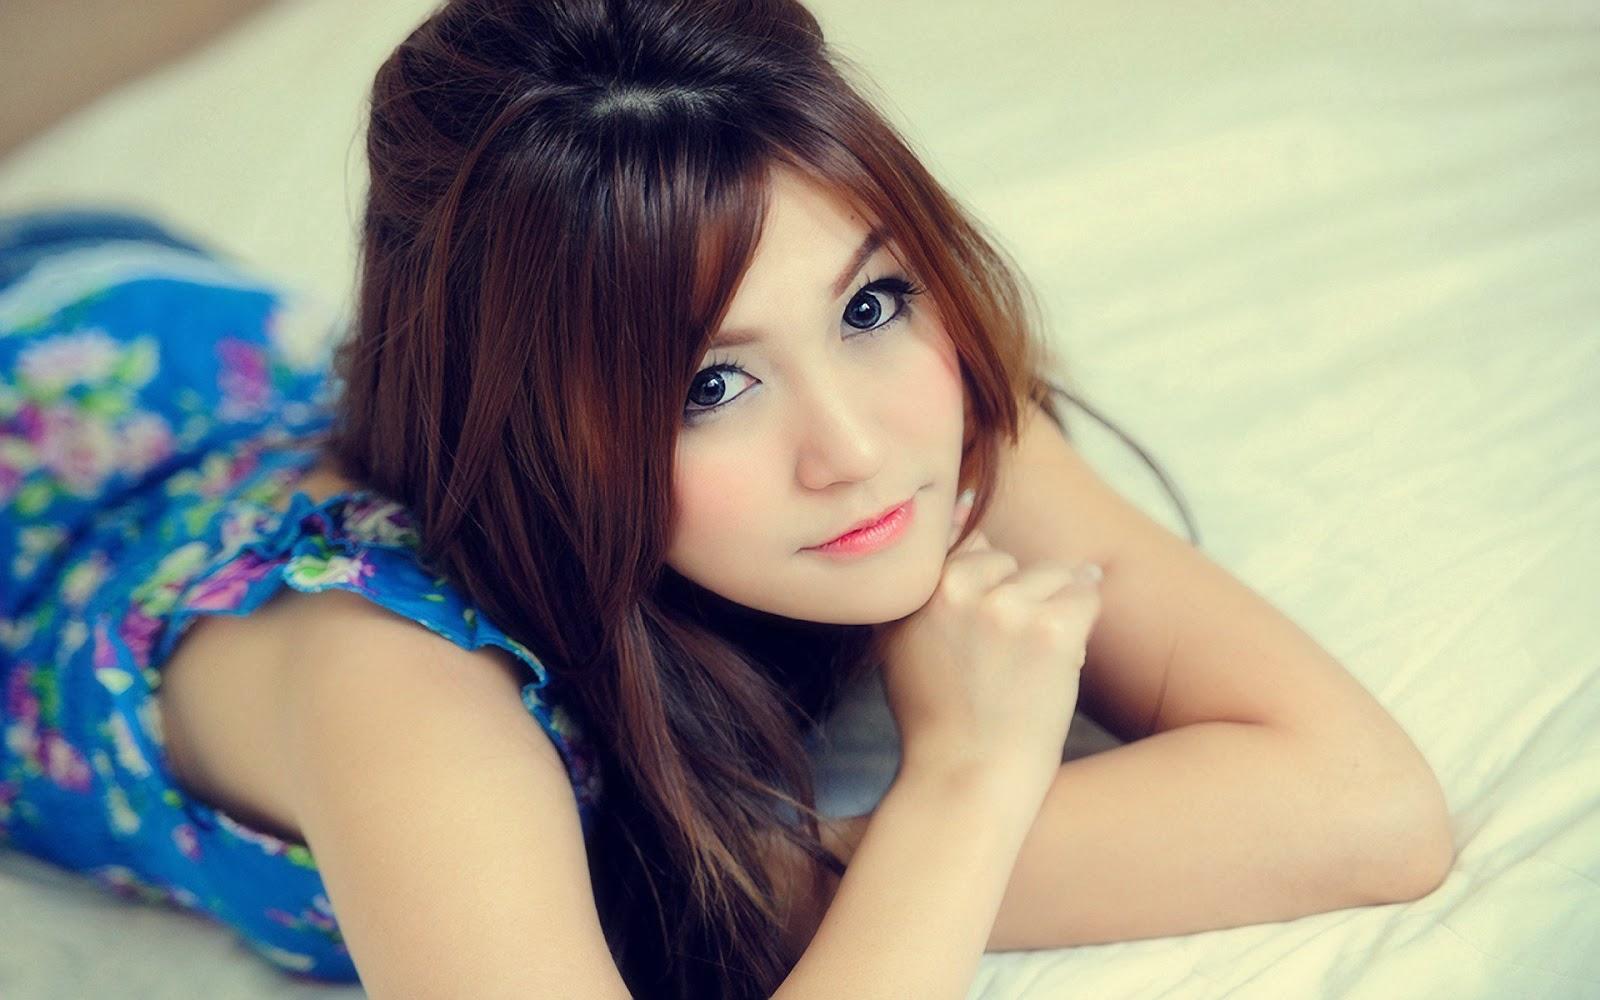 بالصور اجمل الصور بنات امريكا في سن 14 , احلي المراهقات في امريكا 42894